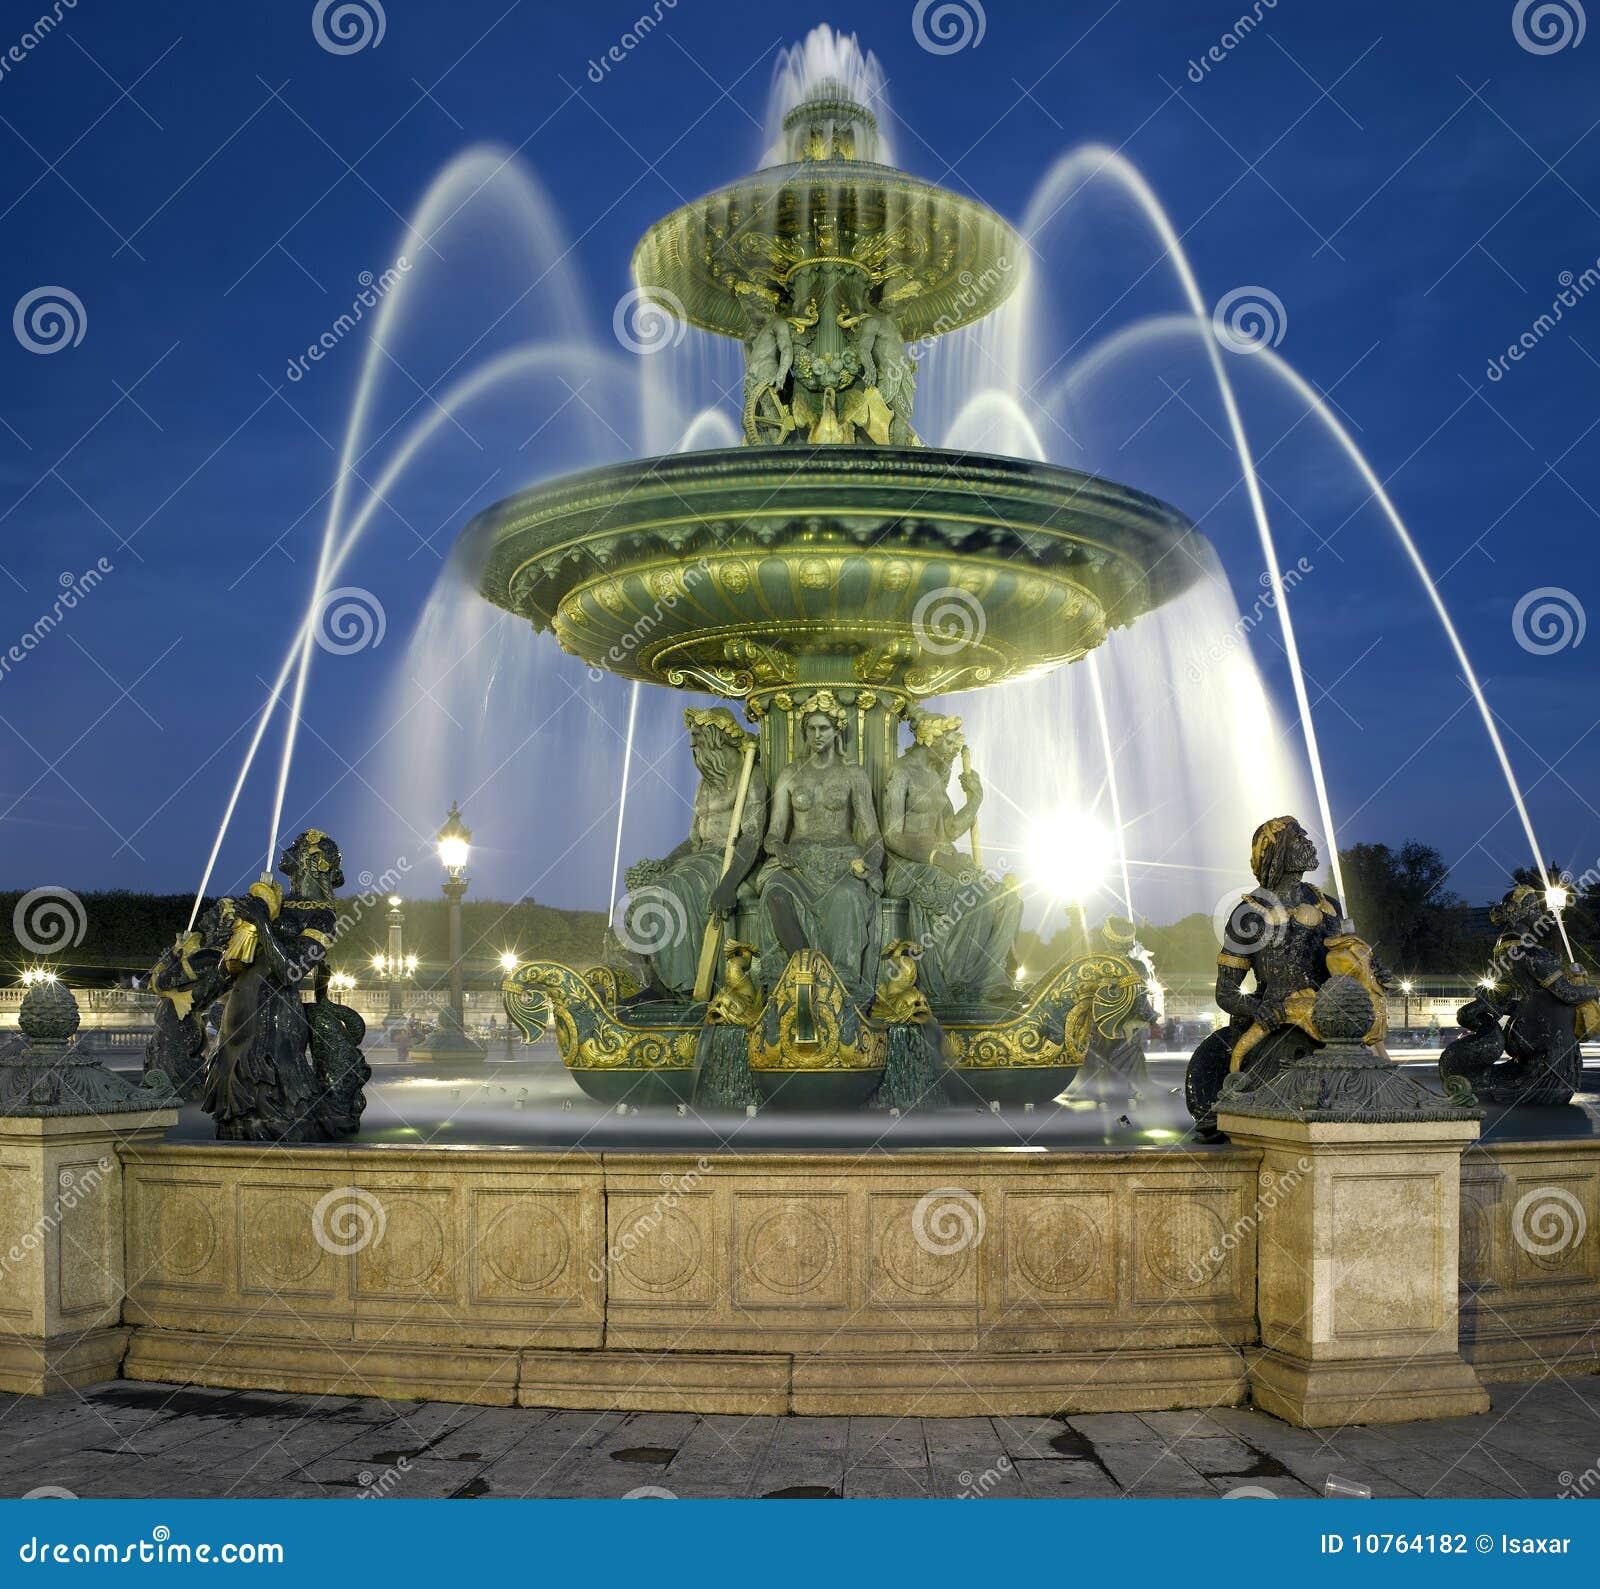 Paris: Fountain at the Place de la Concorde at nig